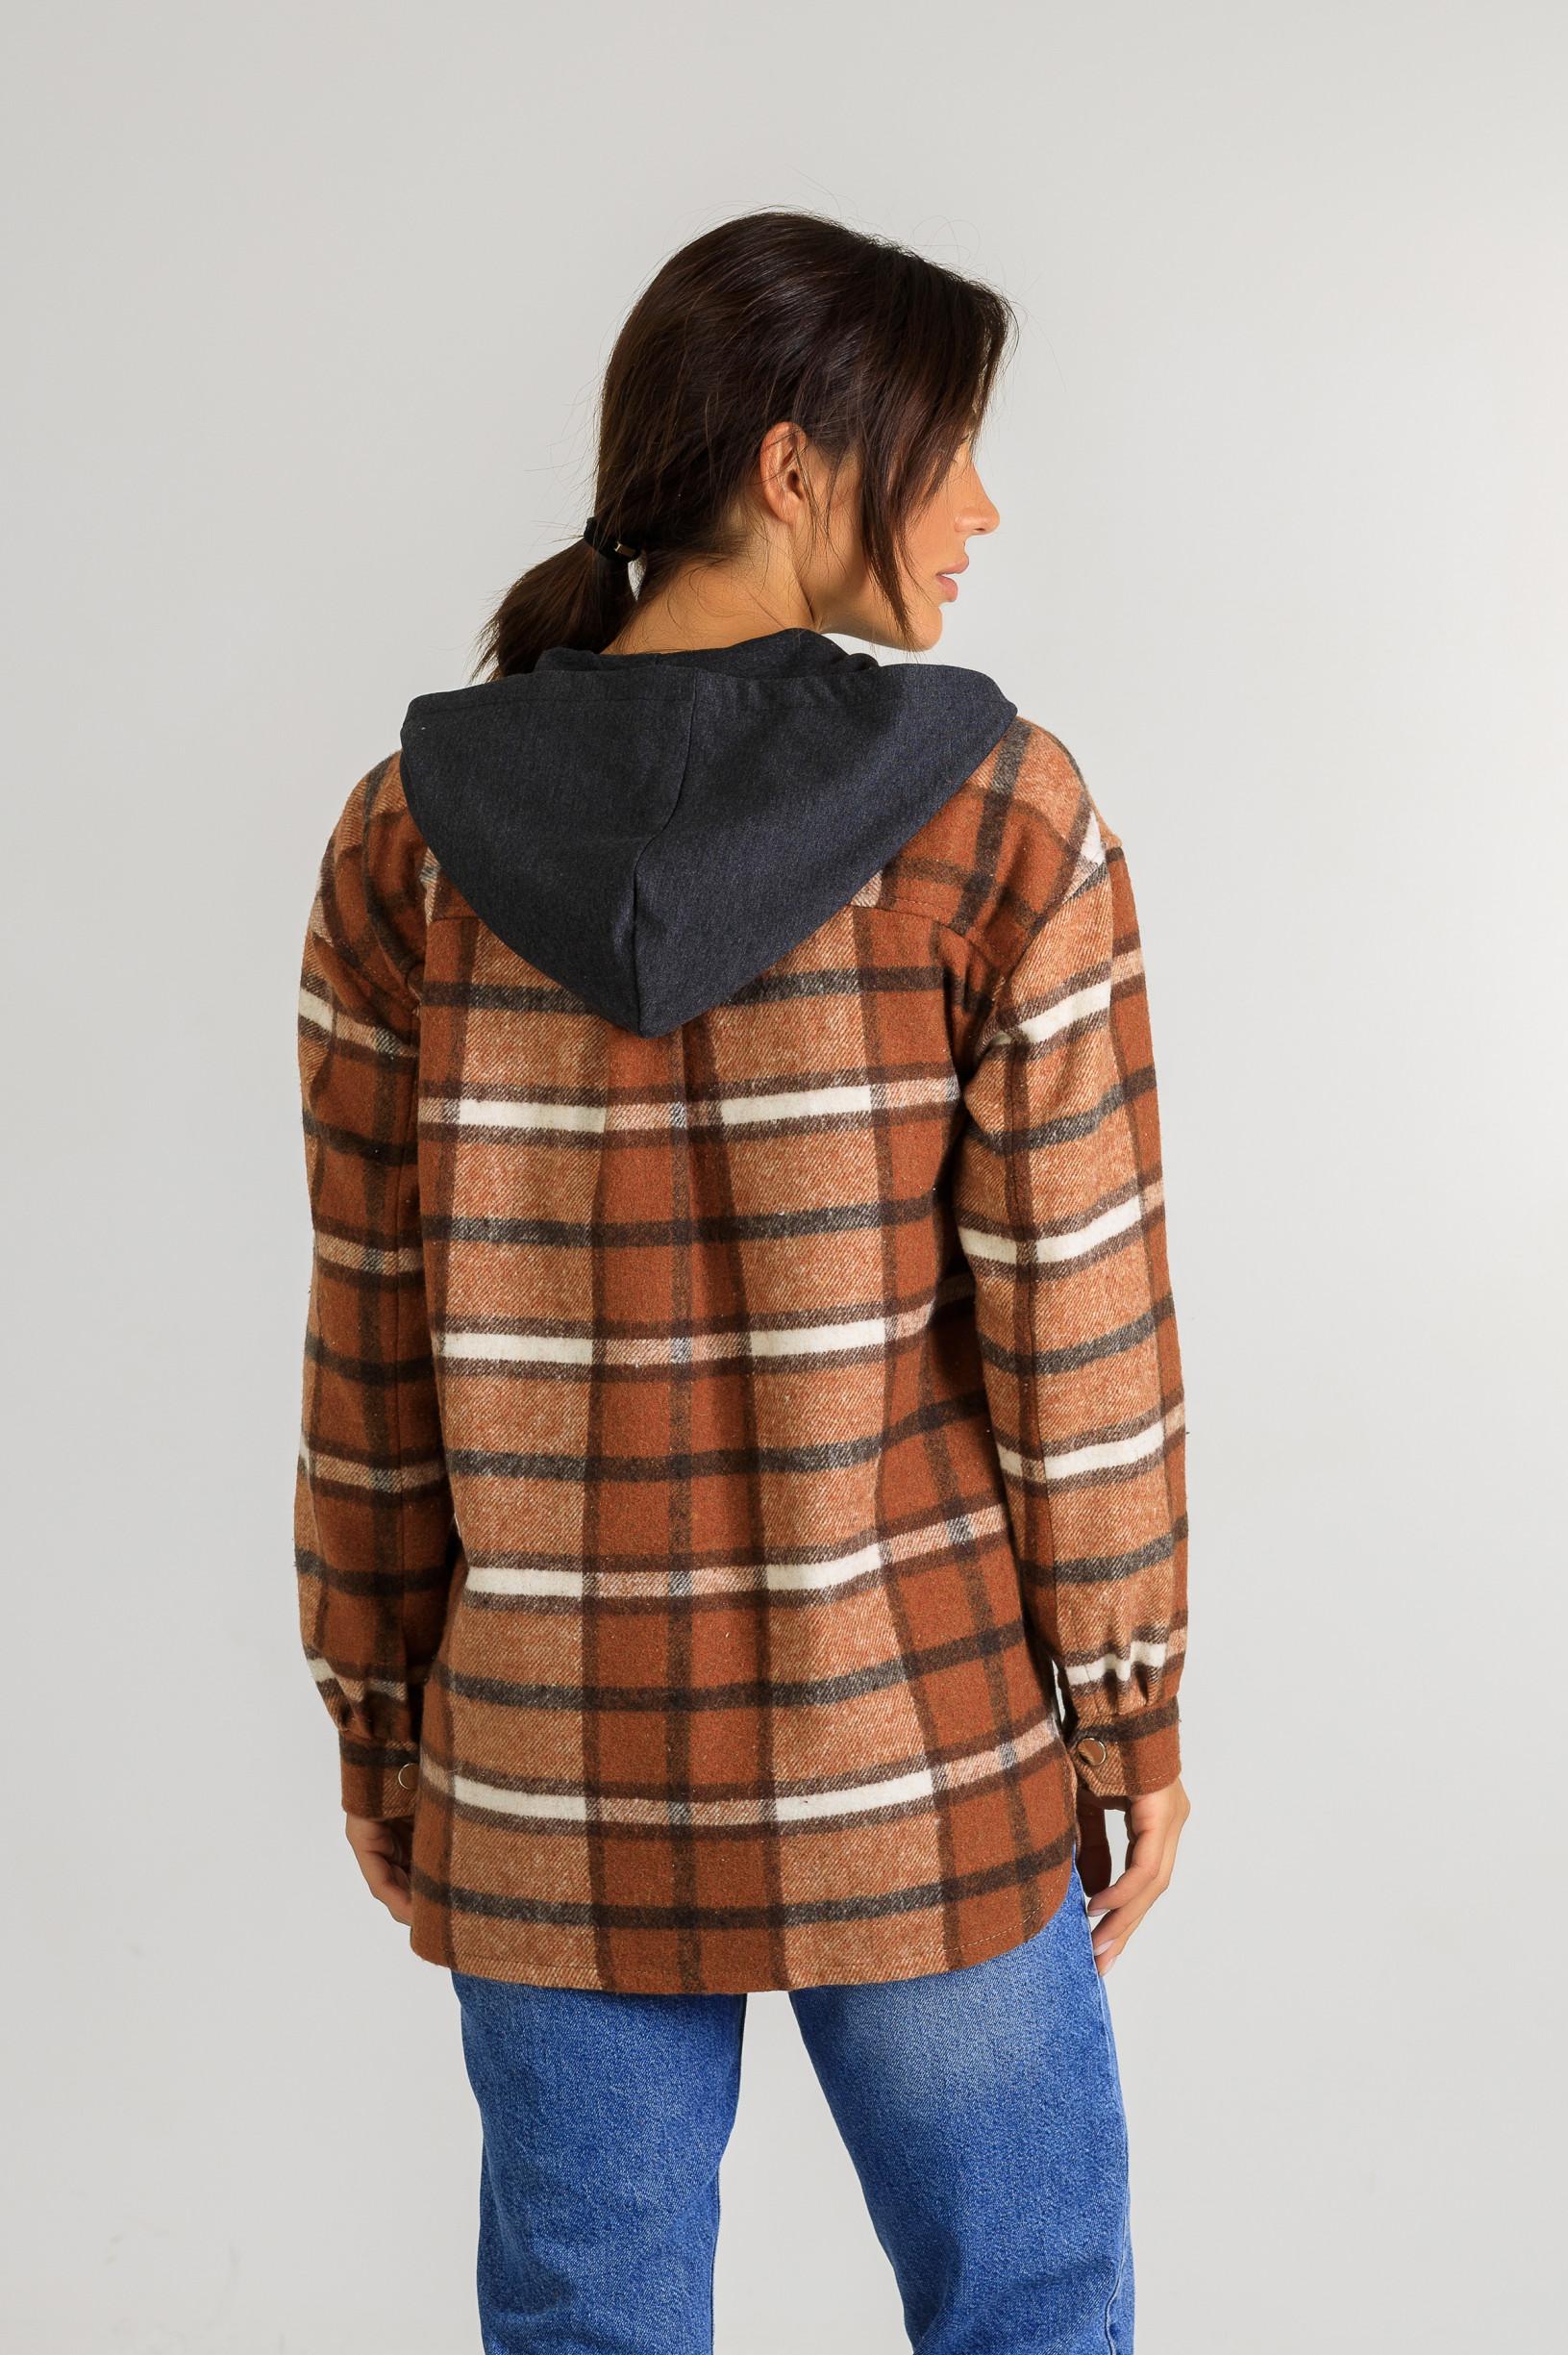 Кардиган-рубаха с капюшоном в клетку Р951 коричневый